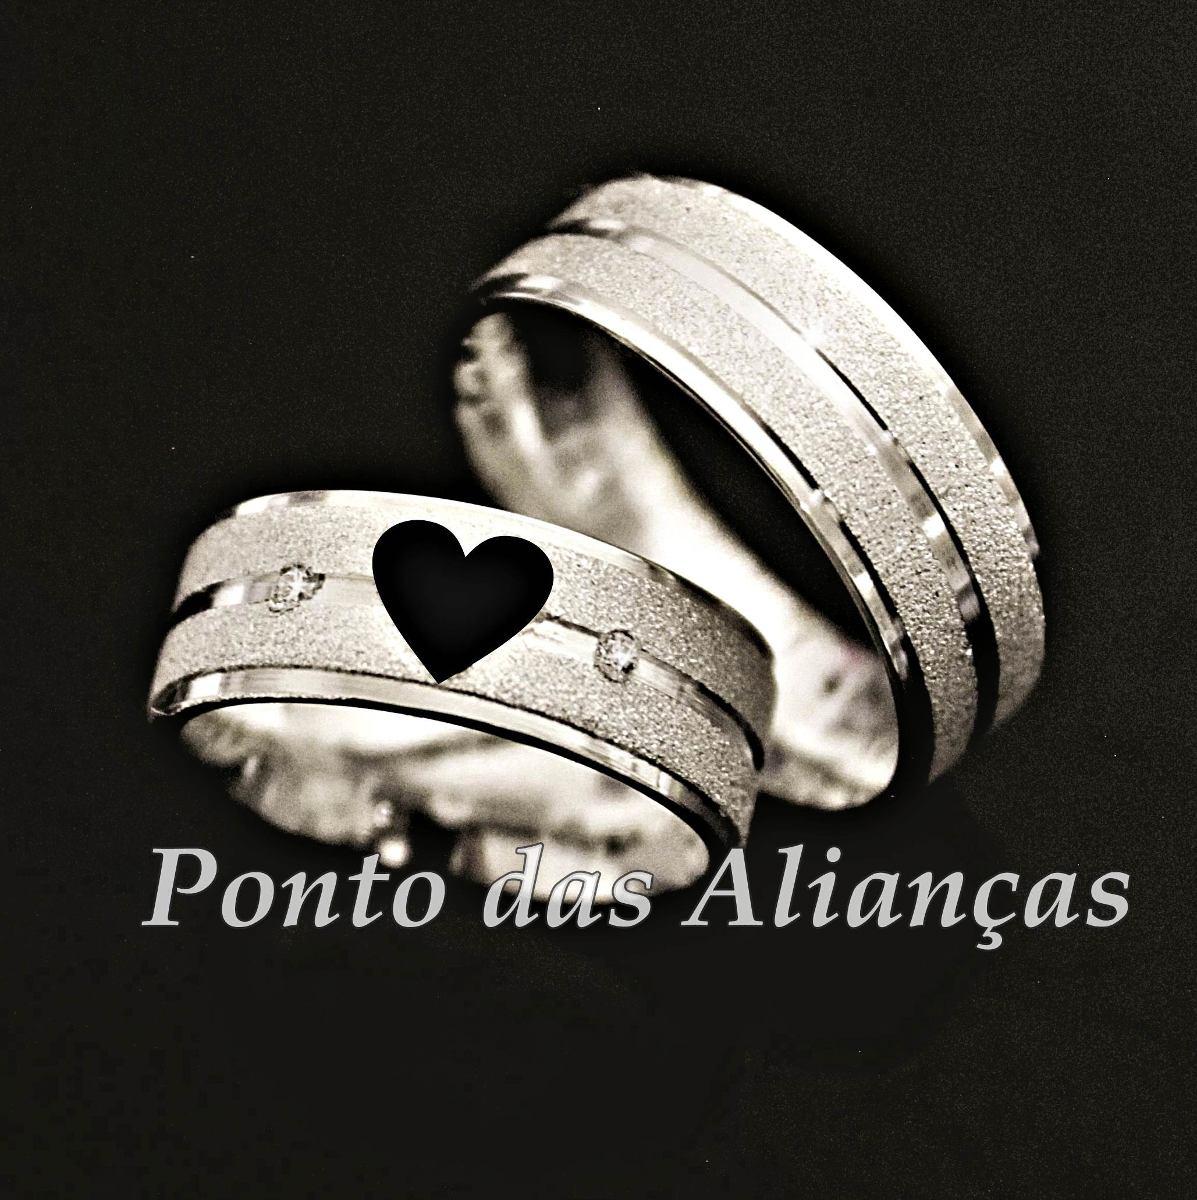 anuncios gratis encontros namoro portugal